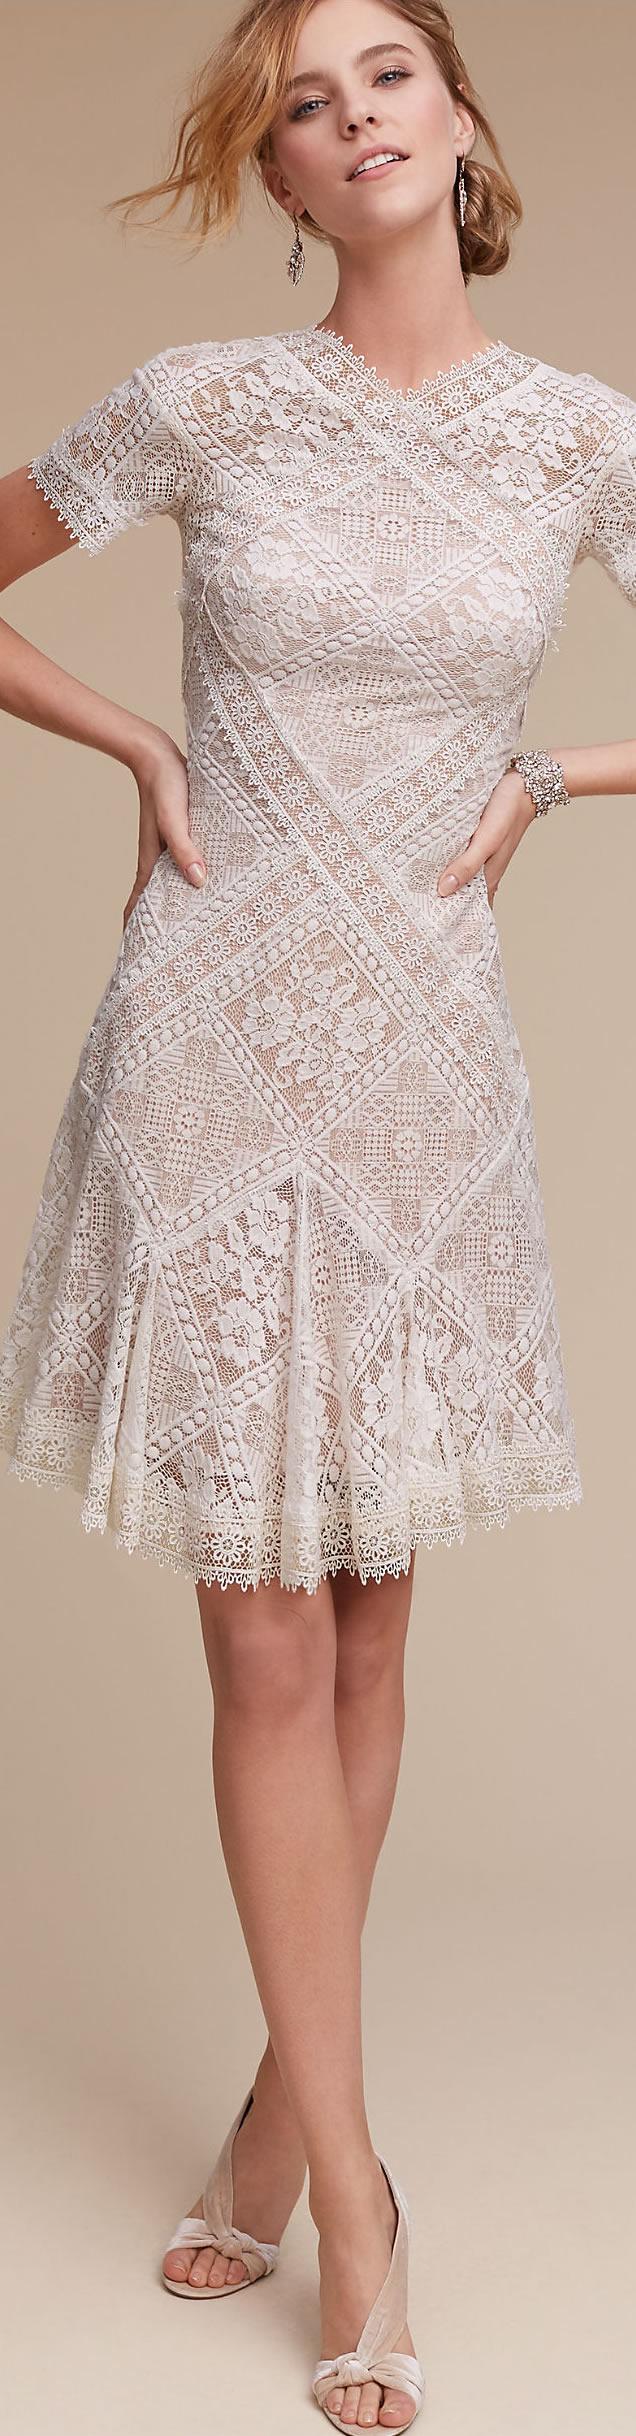 Hudson graphic lace dress wedding dresses pinterest lace dress